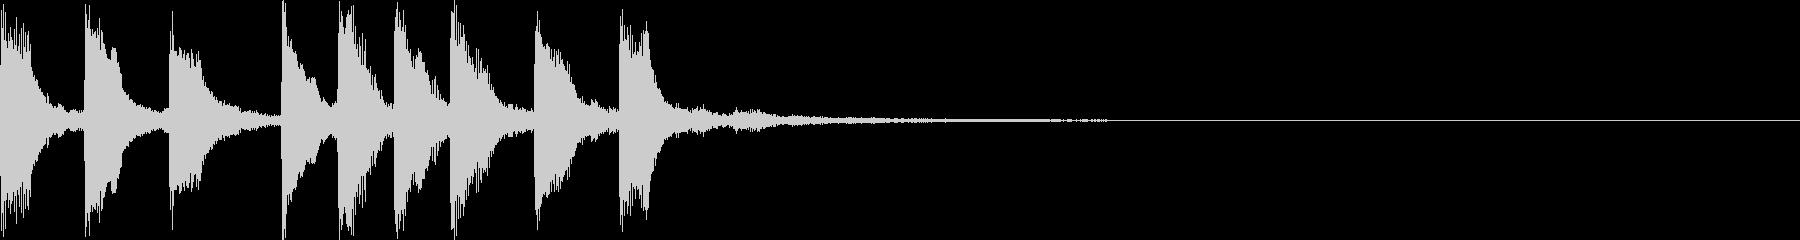 切ない・サウンドロゴ・近未来的・EDMの未再生の波形